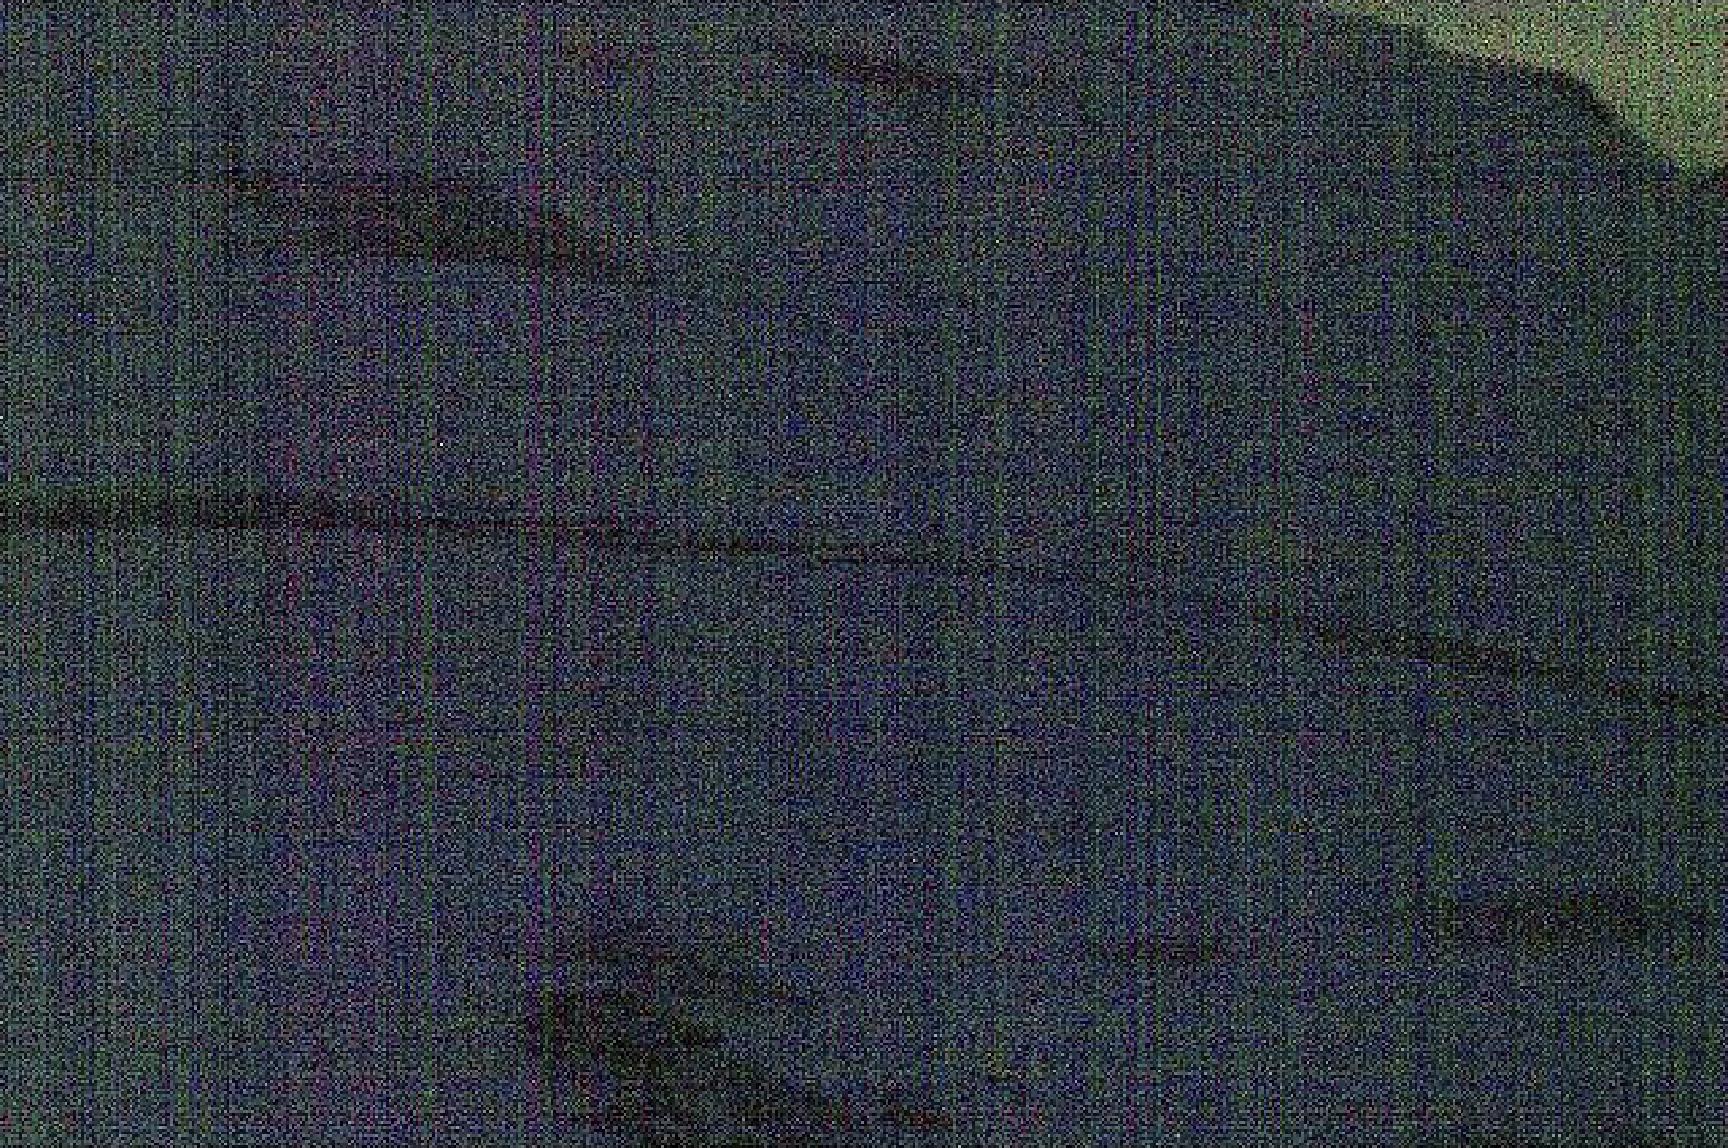 Vatnsskard Eystra, 2013